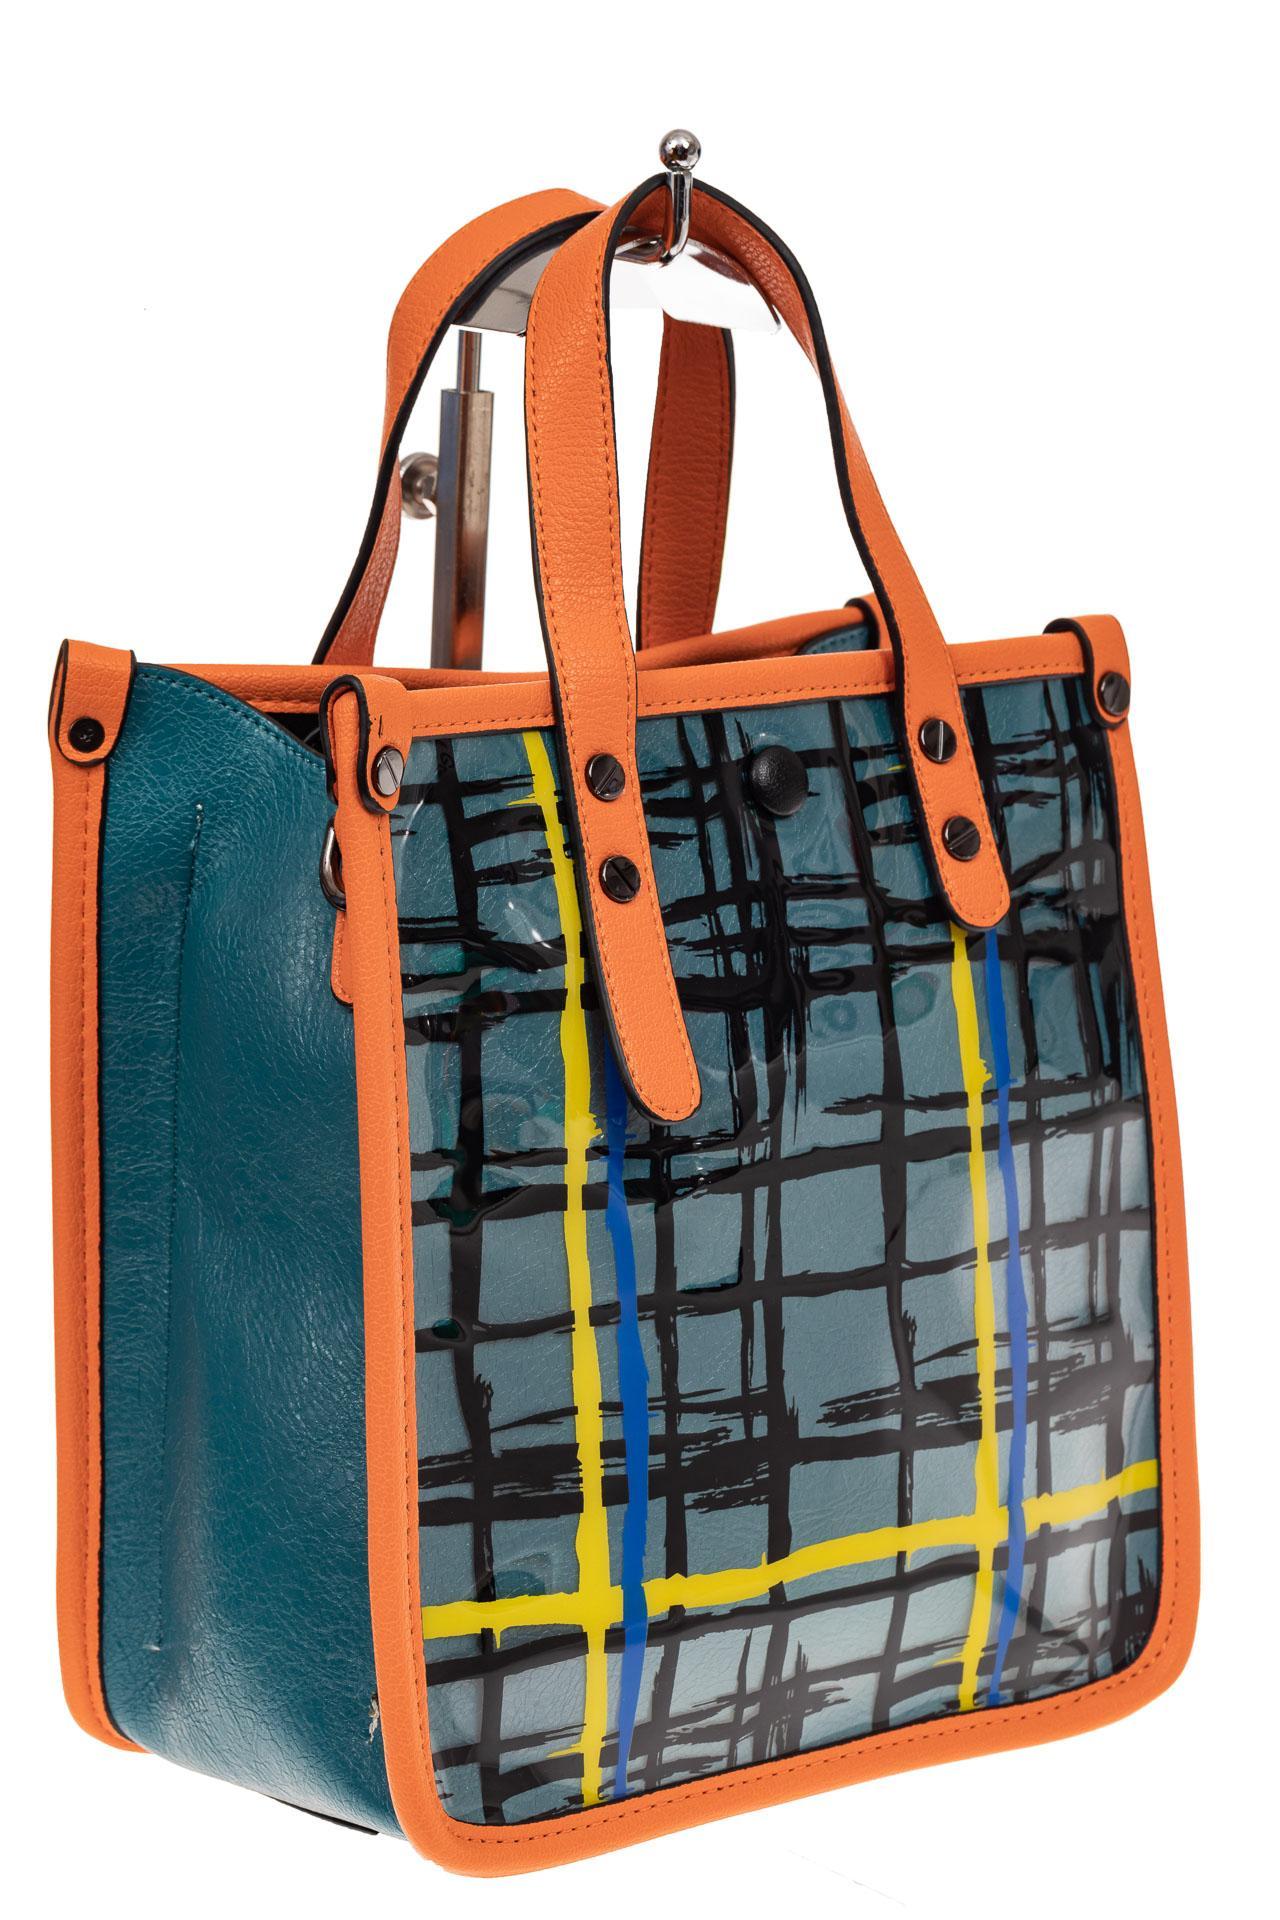 50478cb46af1 Сумки из кожзама оптом   Купить женские сумочки из искусственной кожи